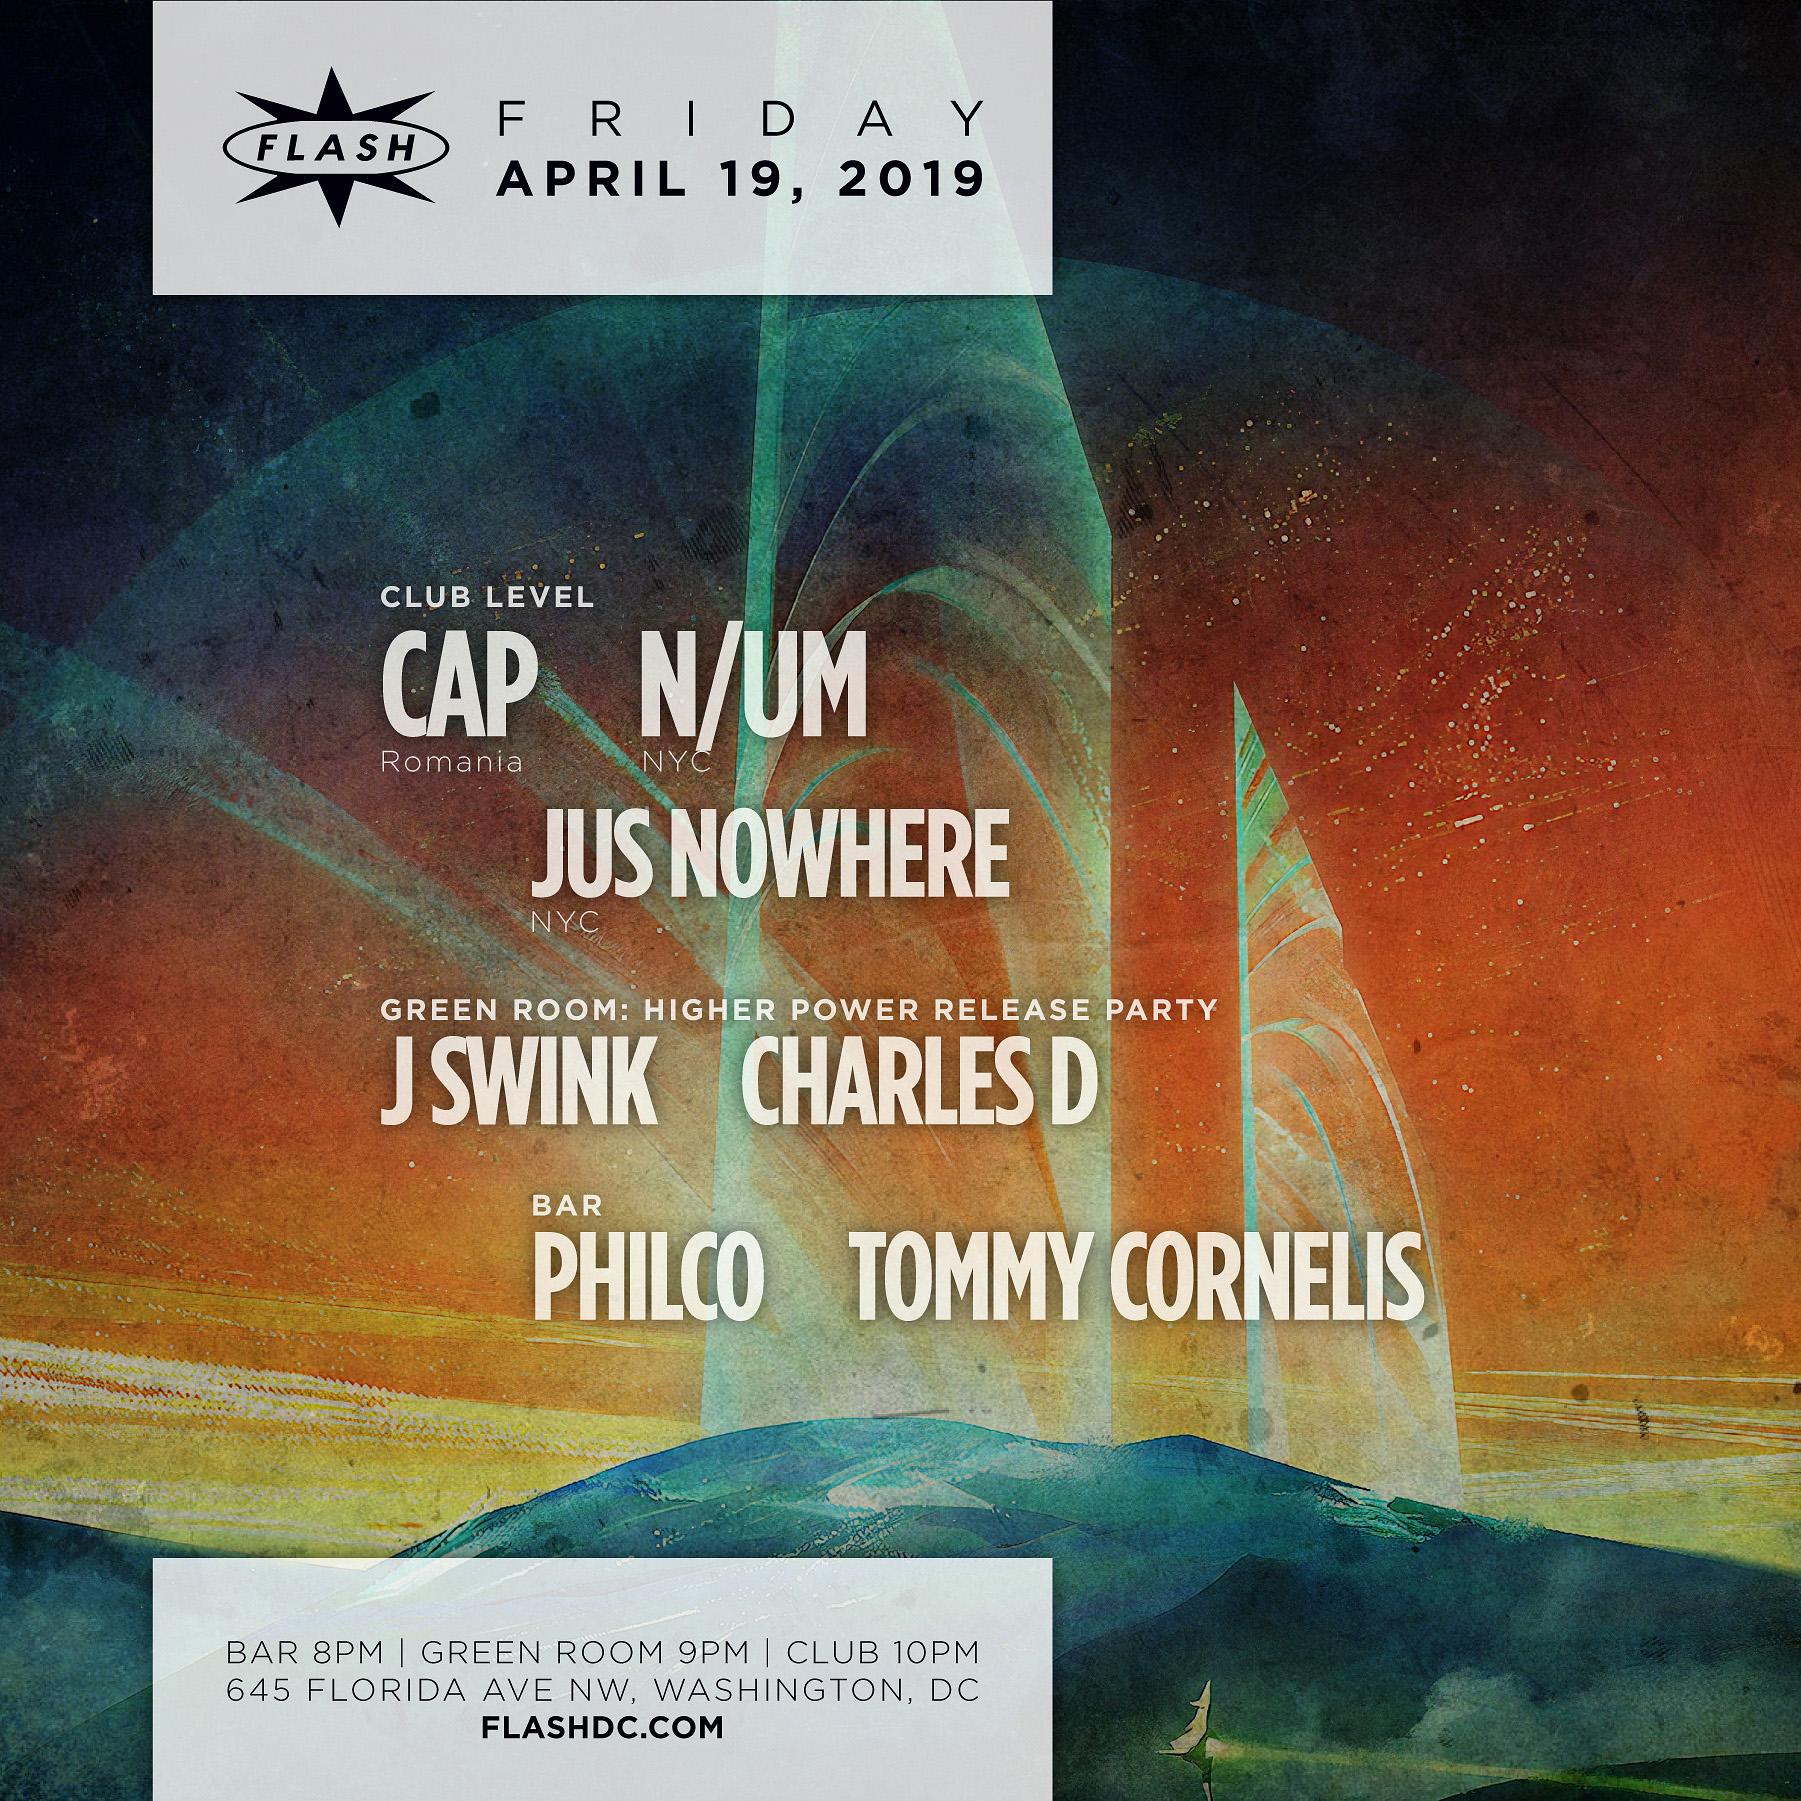 Cap - N/UM - Jus Nowhere event thumbnail